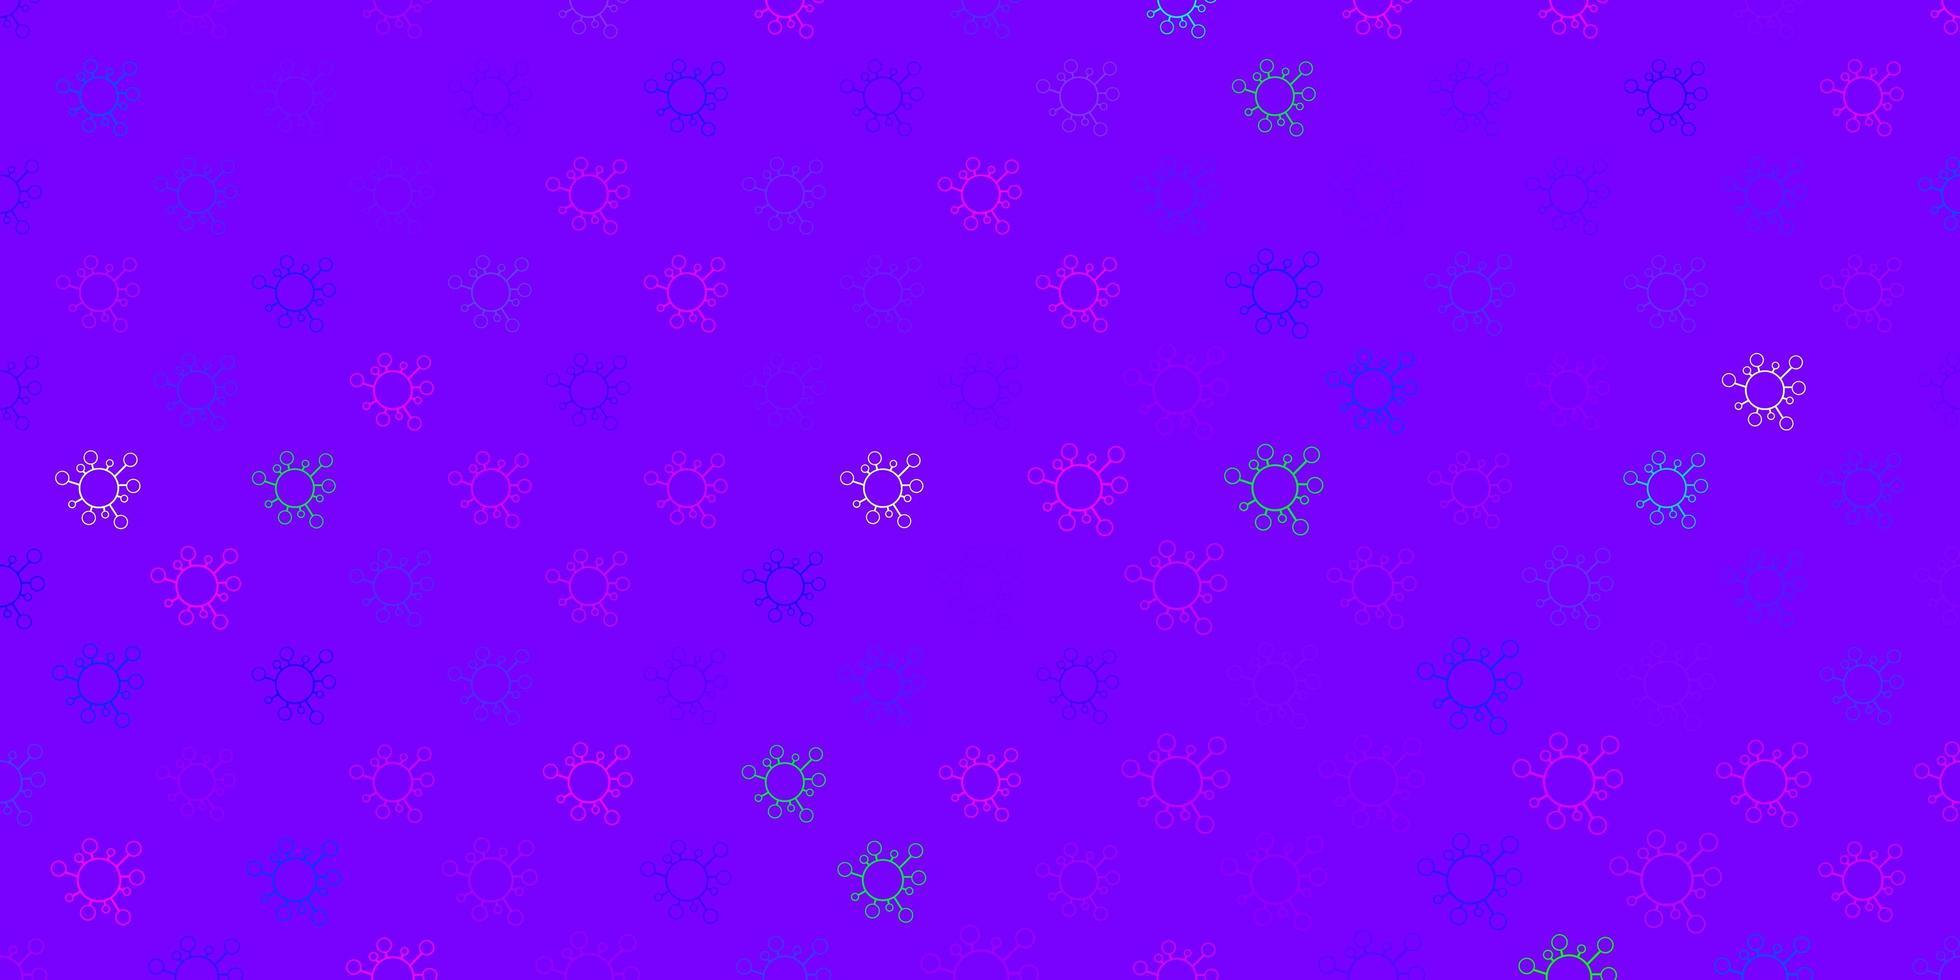 modello vettoriale rosa scuro, blu con elementi di coronavirus.